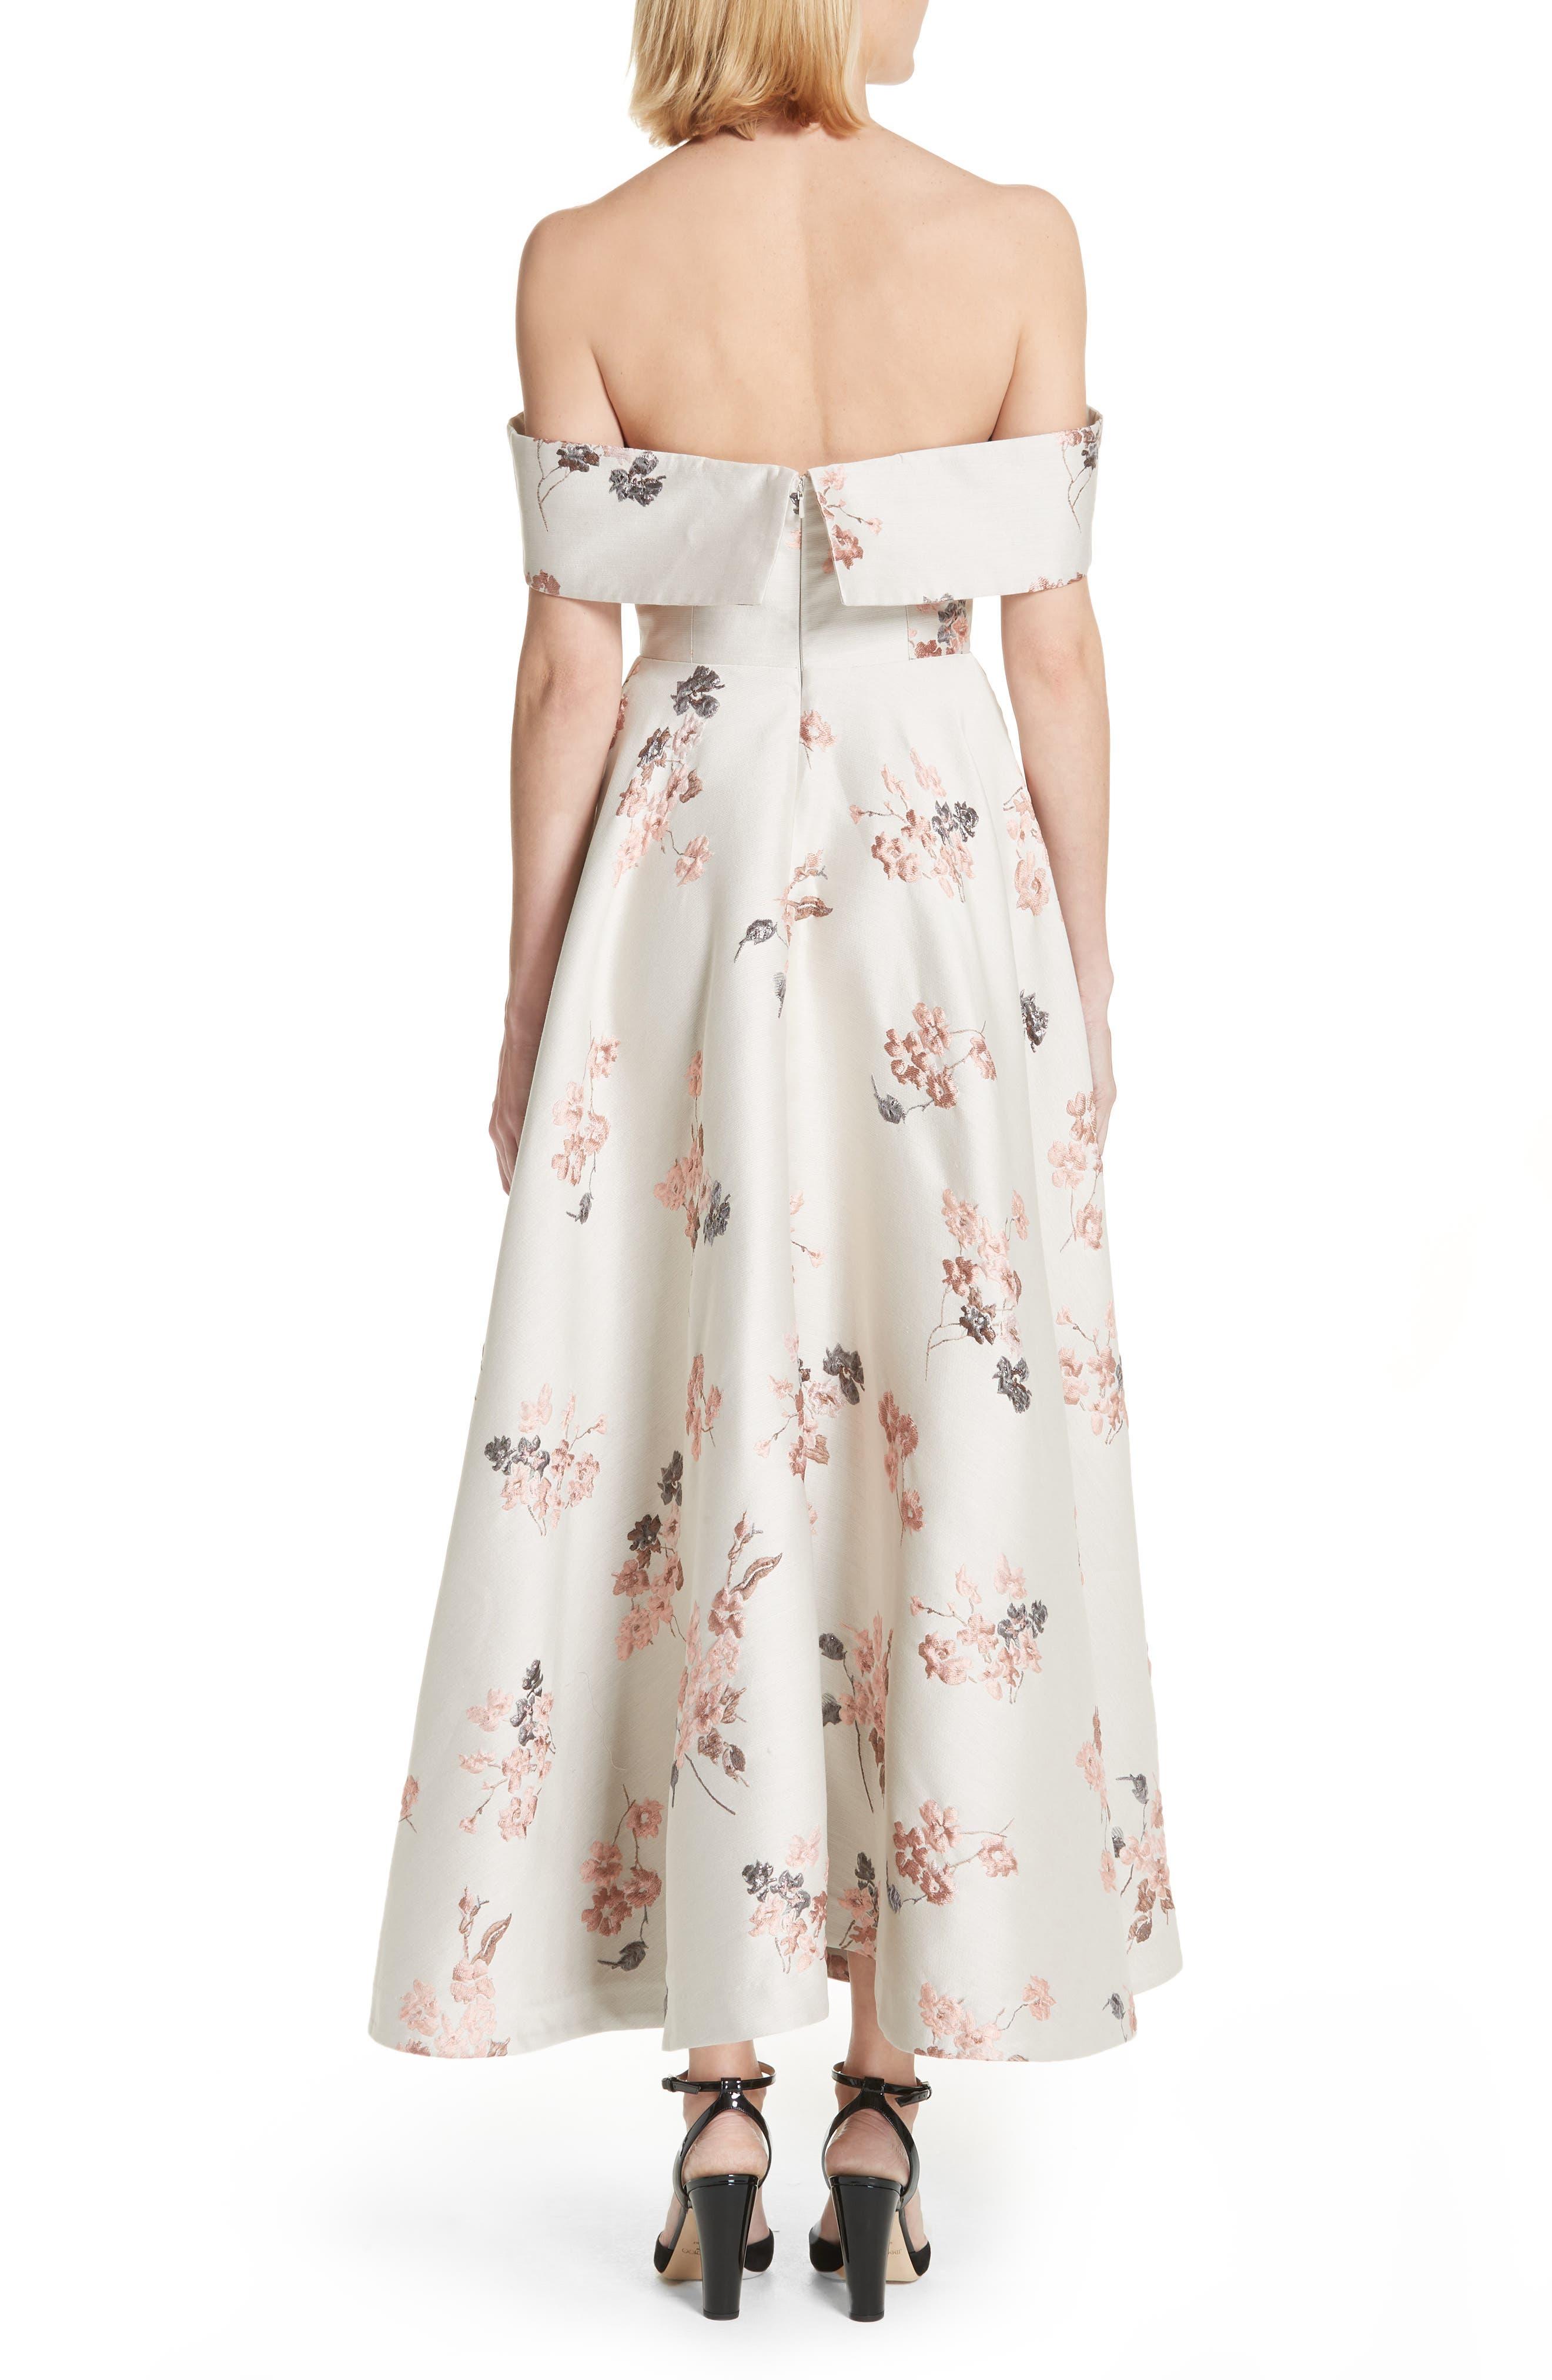 Metallic Floral Jacquard Off the Shoulder Dress,                             Alternate thumbnail 3, color,                             Beige/ Pink